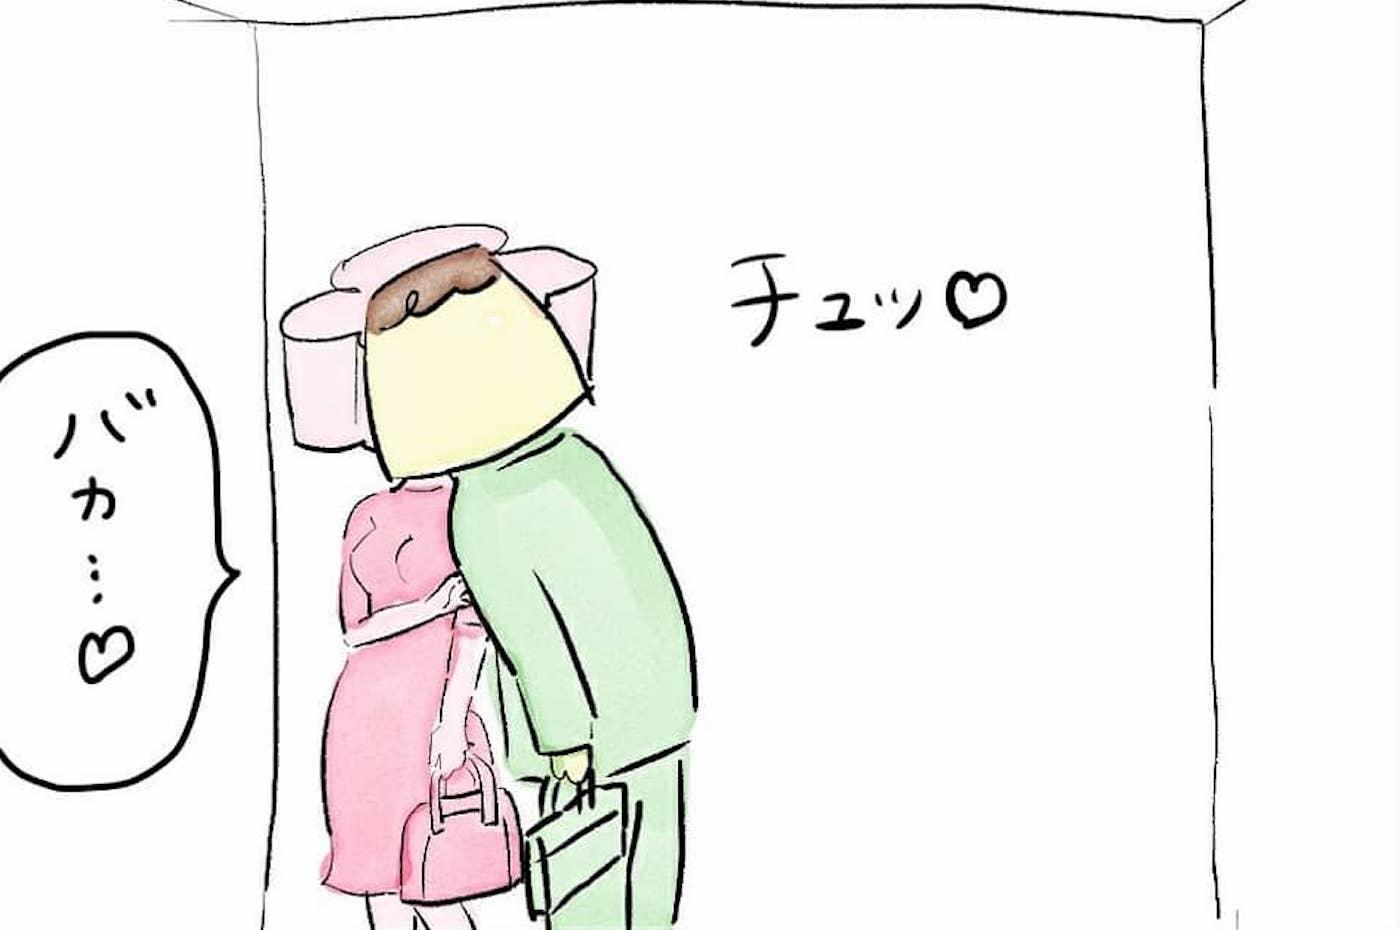 社内不倫にいそしむモラハラ夫 不倫相手から妻への挑発が始まる…(76日前&75日前)